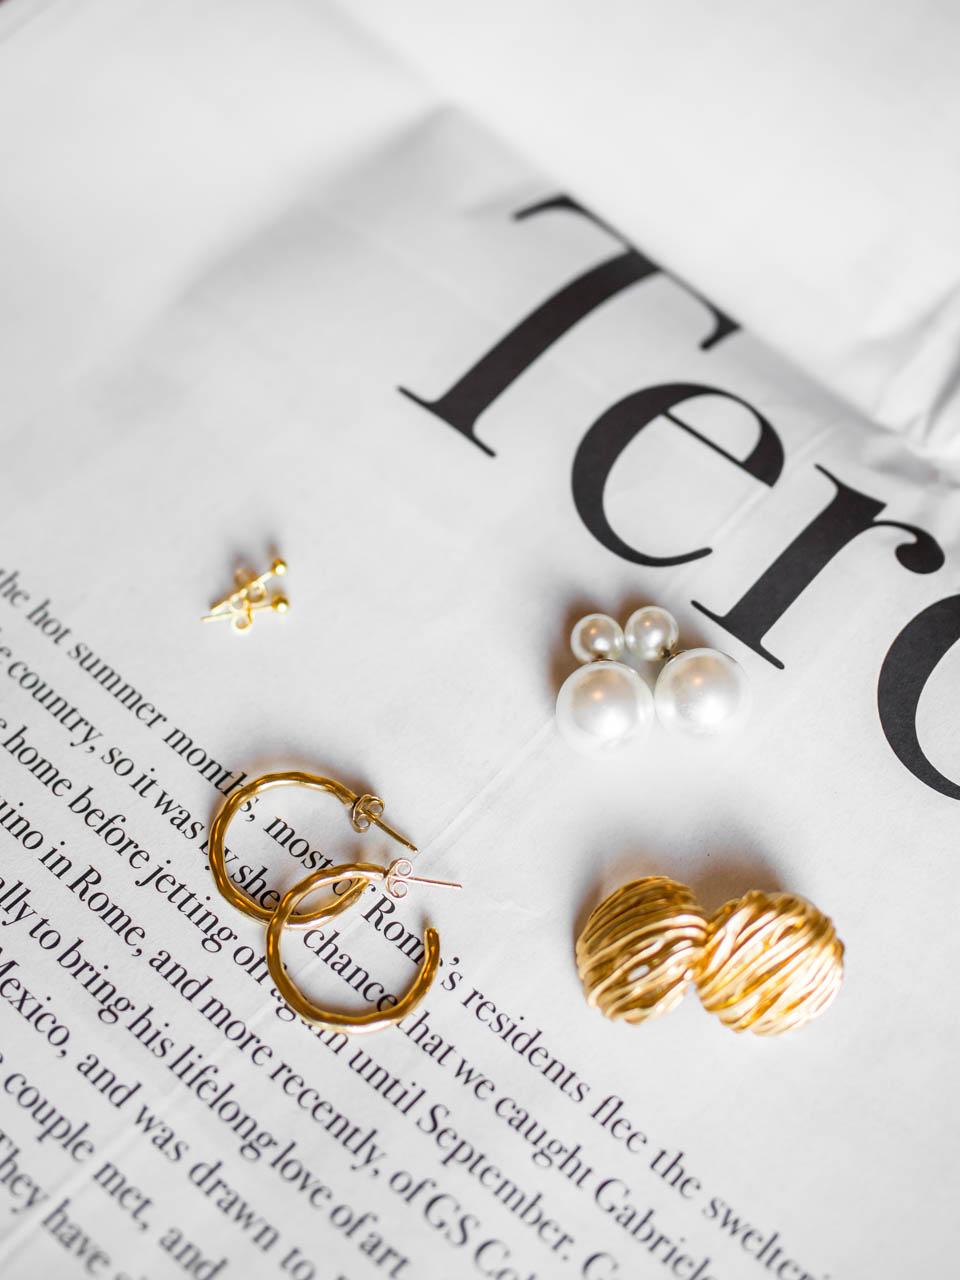 Jewellery flatlay - Korut, flatlay-kuvaus, tuotekuvaus